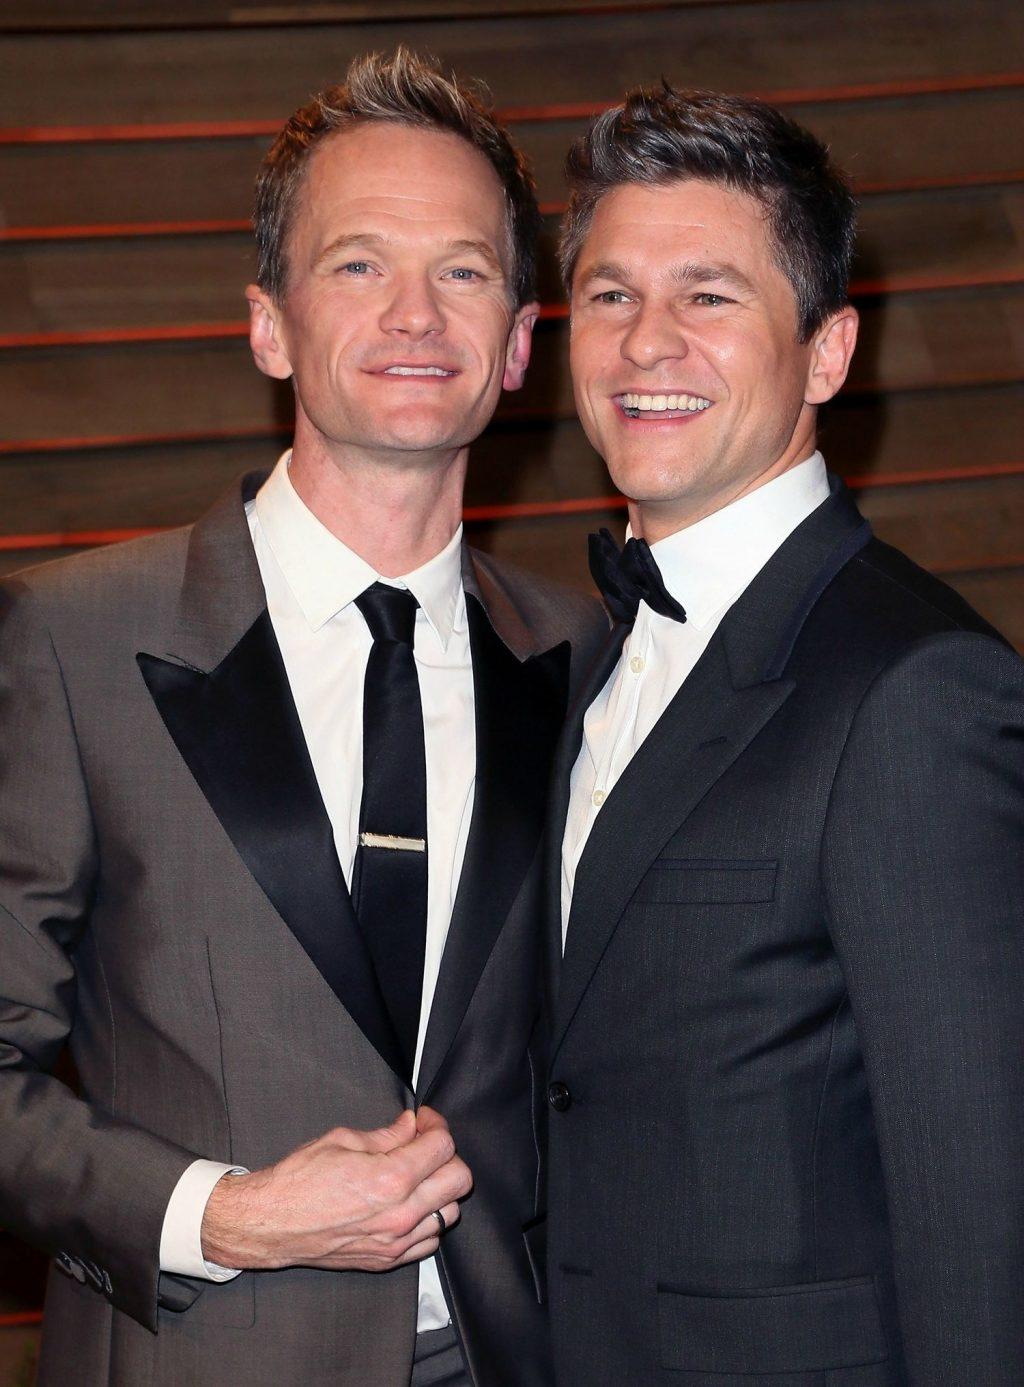 Cặp đôi của làng giải trí Neil Patrick Harris và David Burtka.